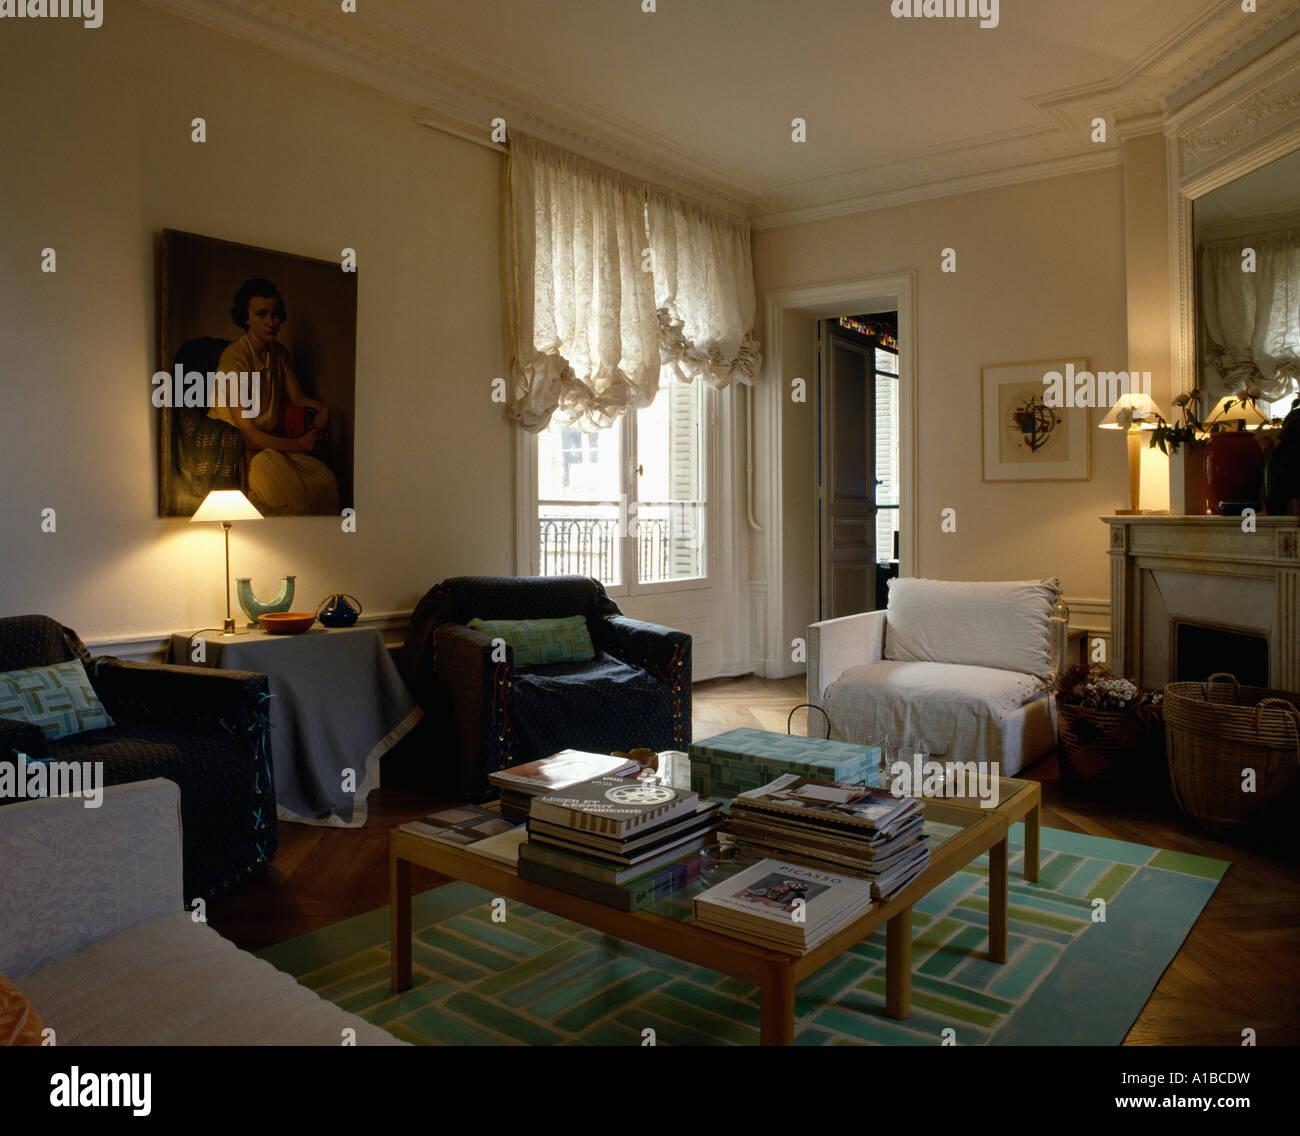 Hohe Fenster brennende len in wohnzimmer mit schwalbenschwanz auf hohe fenster